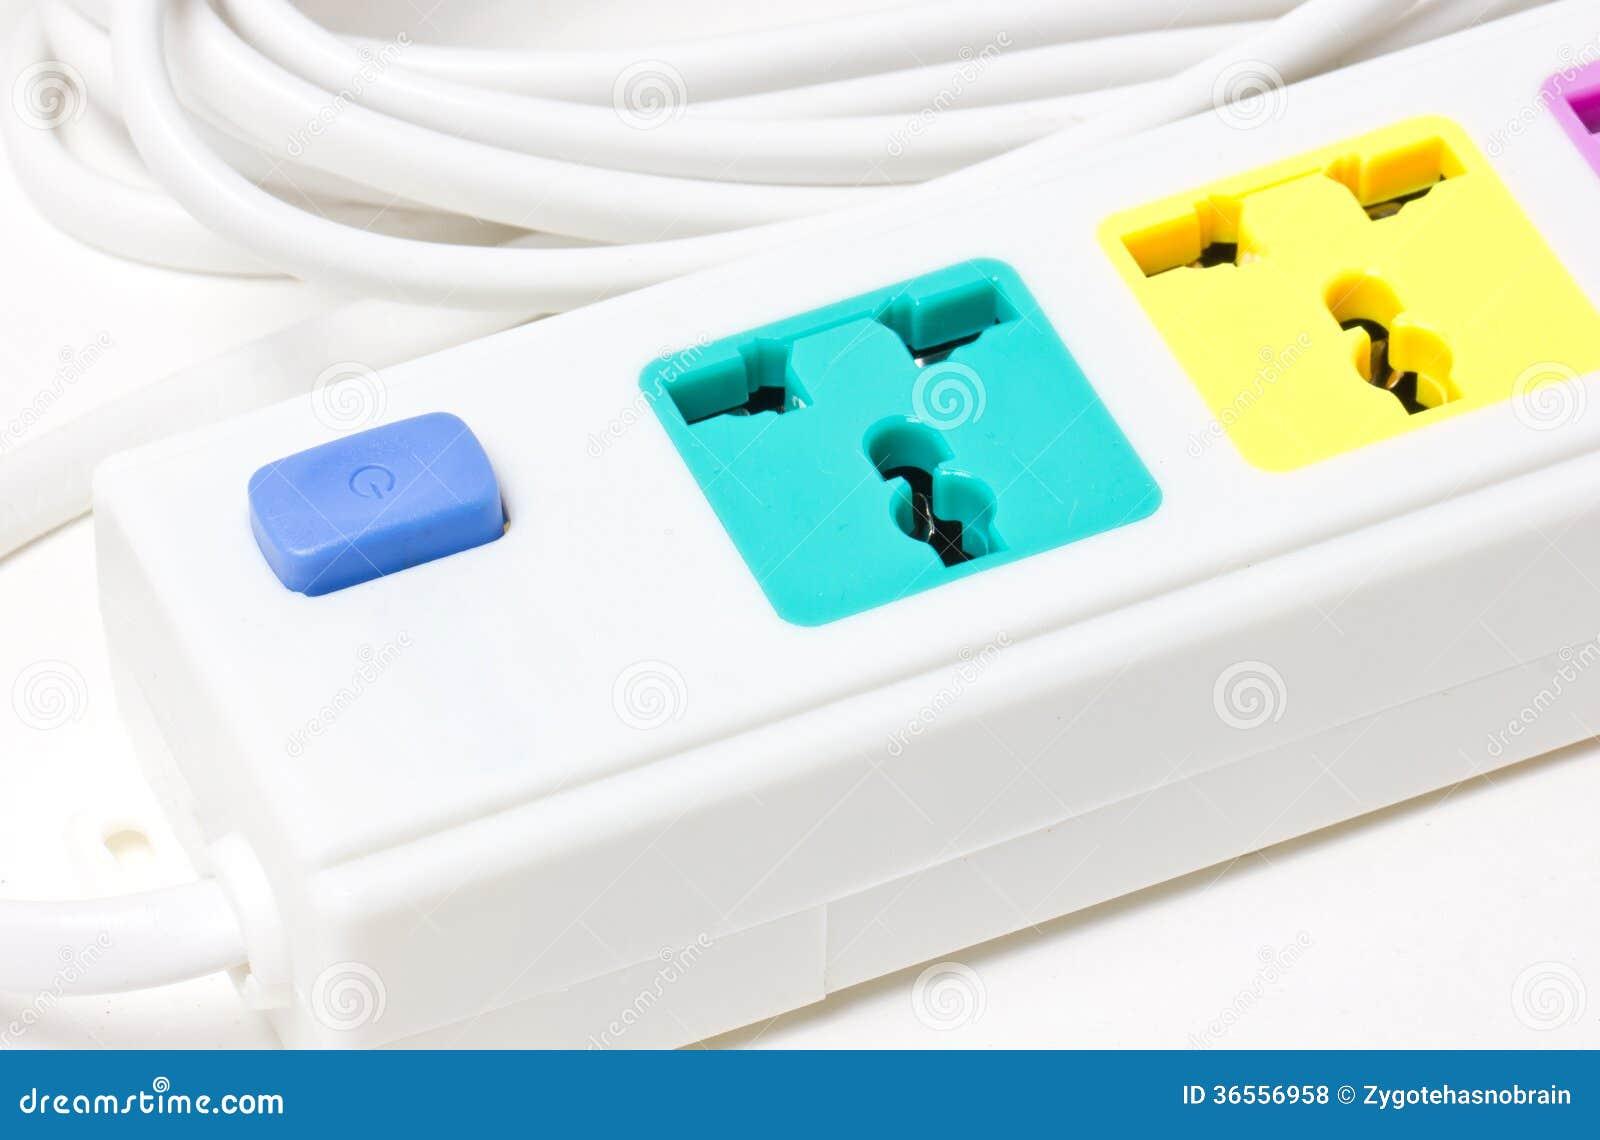 multiple plug socket stock photo image of plastic energy 36556958. Black Bedroom Furniture Sets. Home Design Ideas